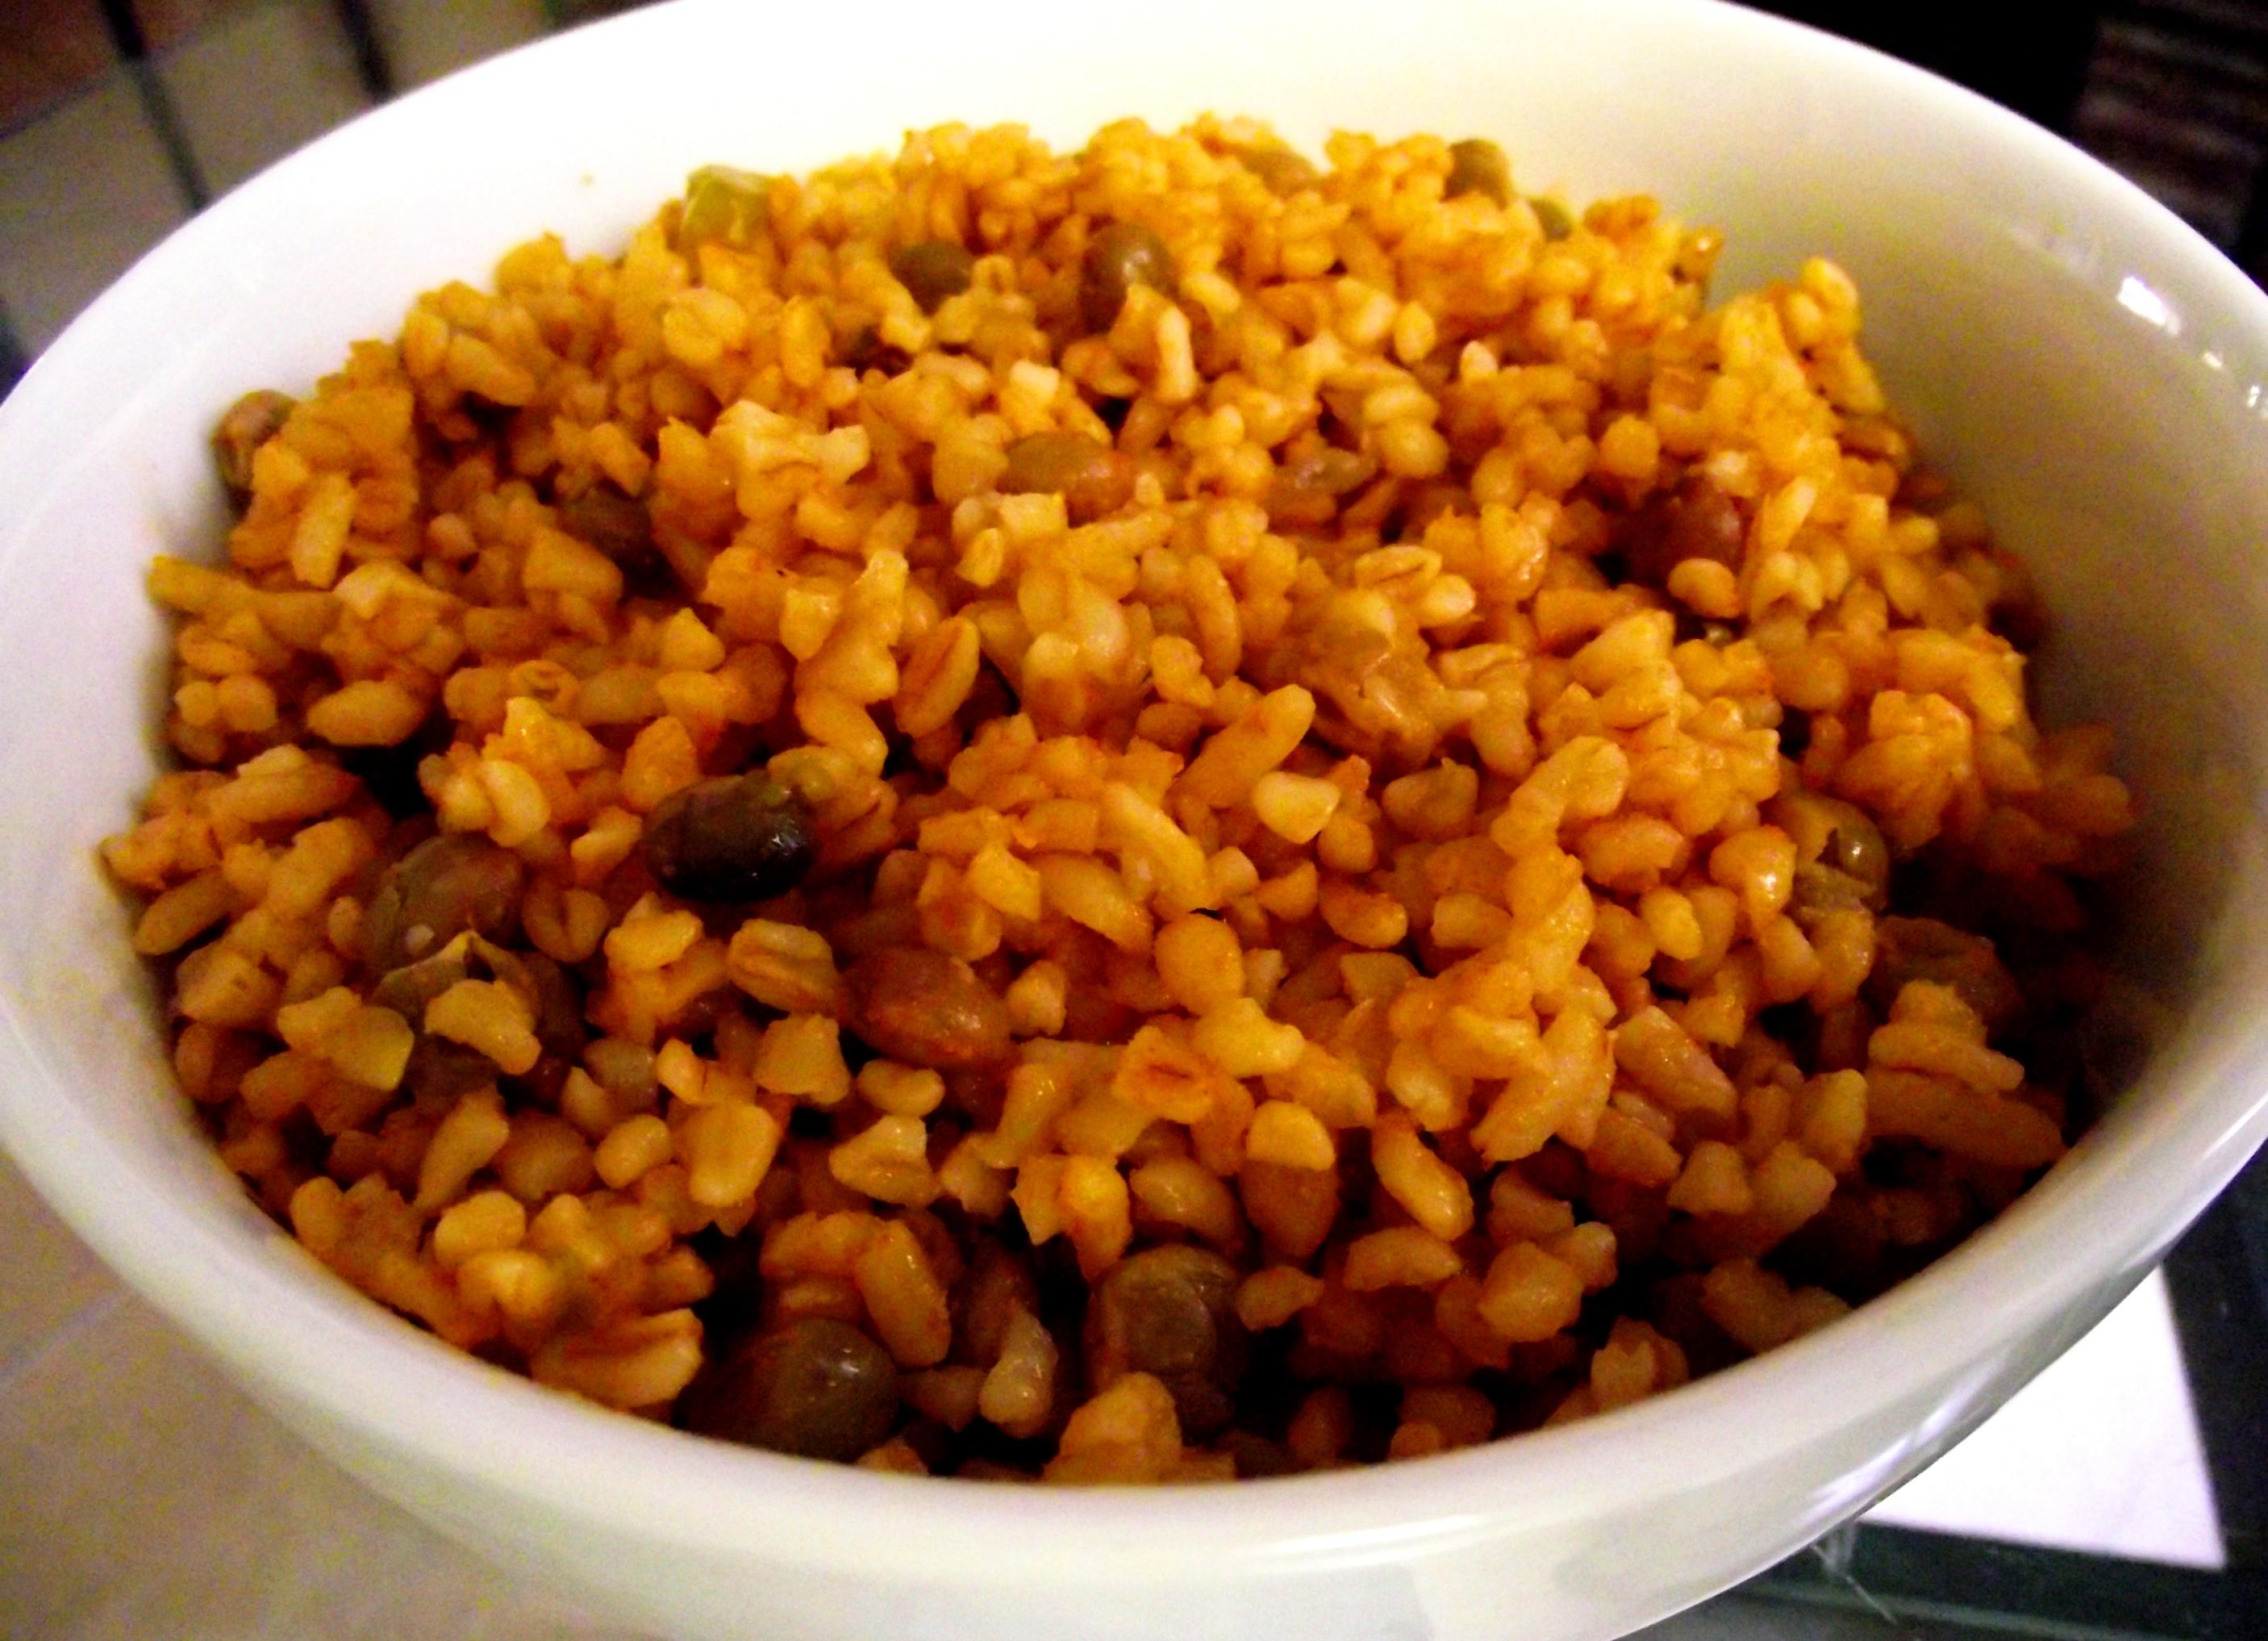 Moro de trigo y guandules con coco el fogoncito for Cocinar trigo